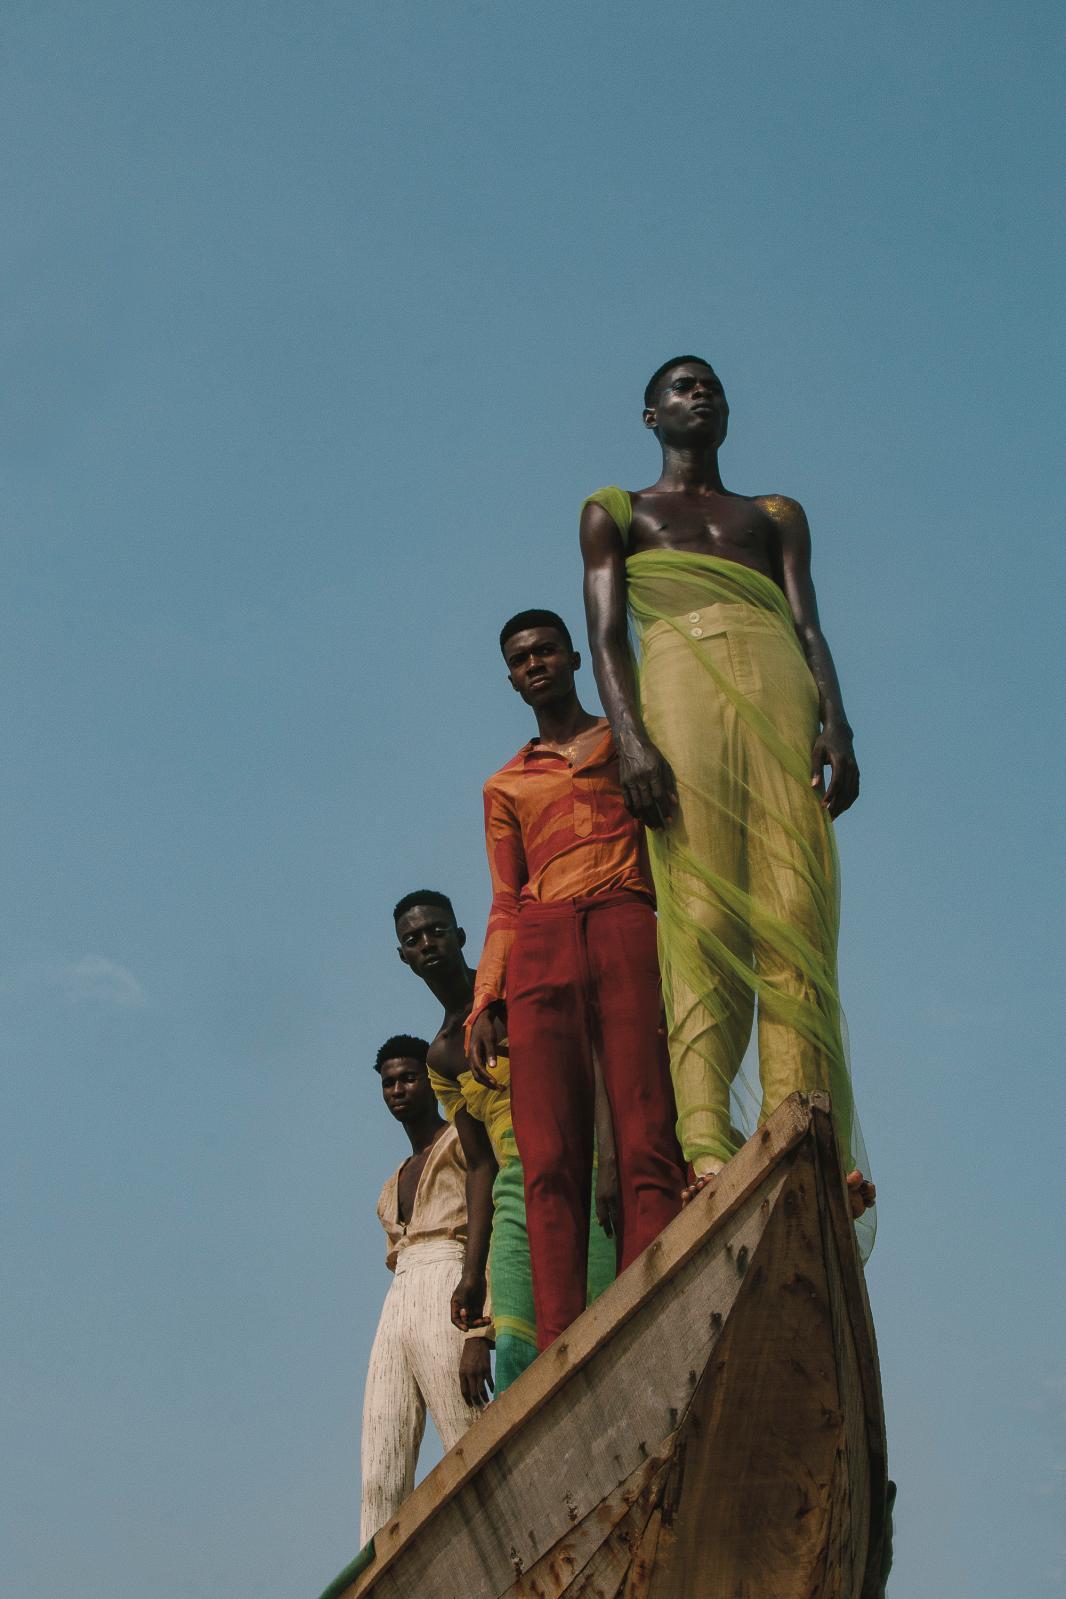 Daniel Obasi, Instants de jeunesse, Lagos, Nigeria, 2019.